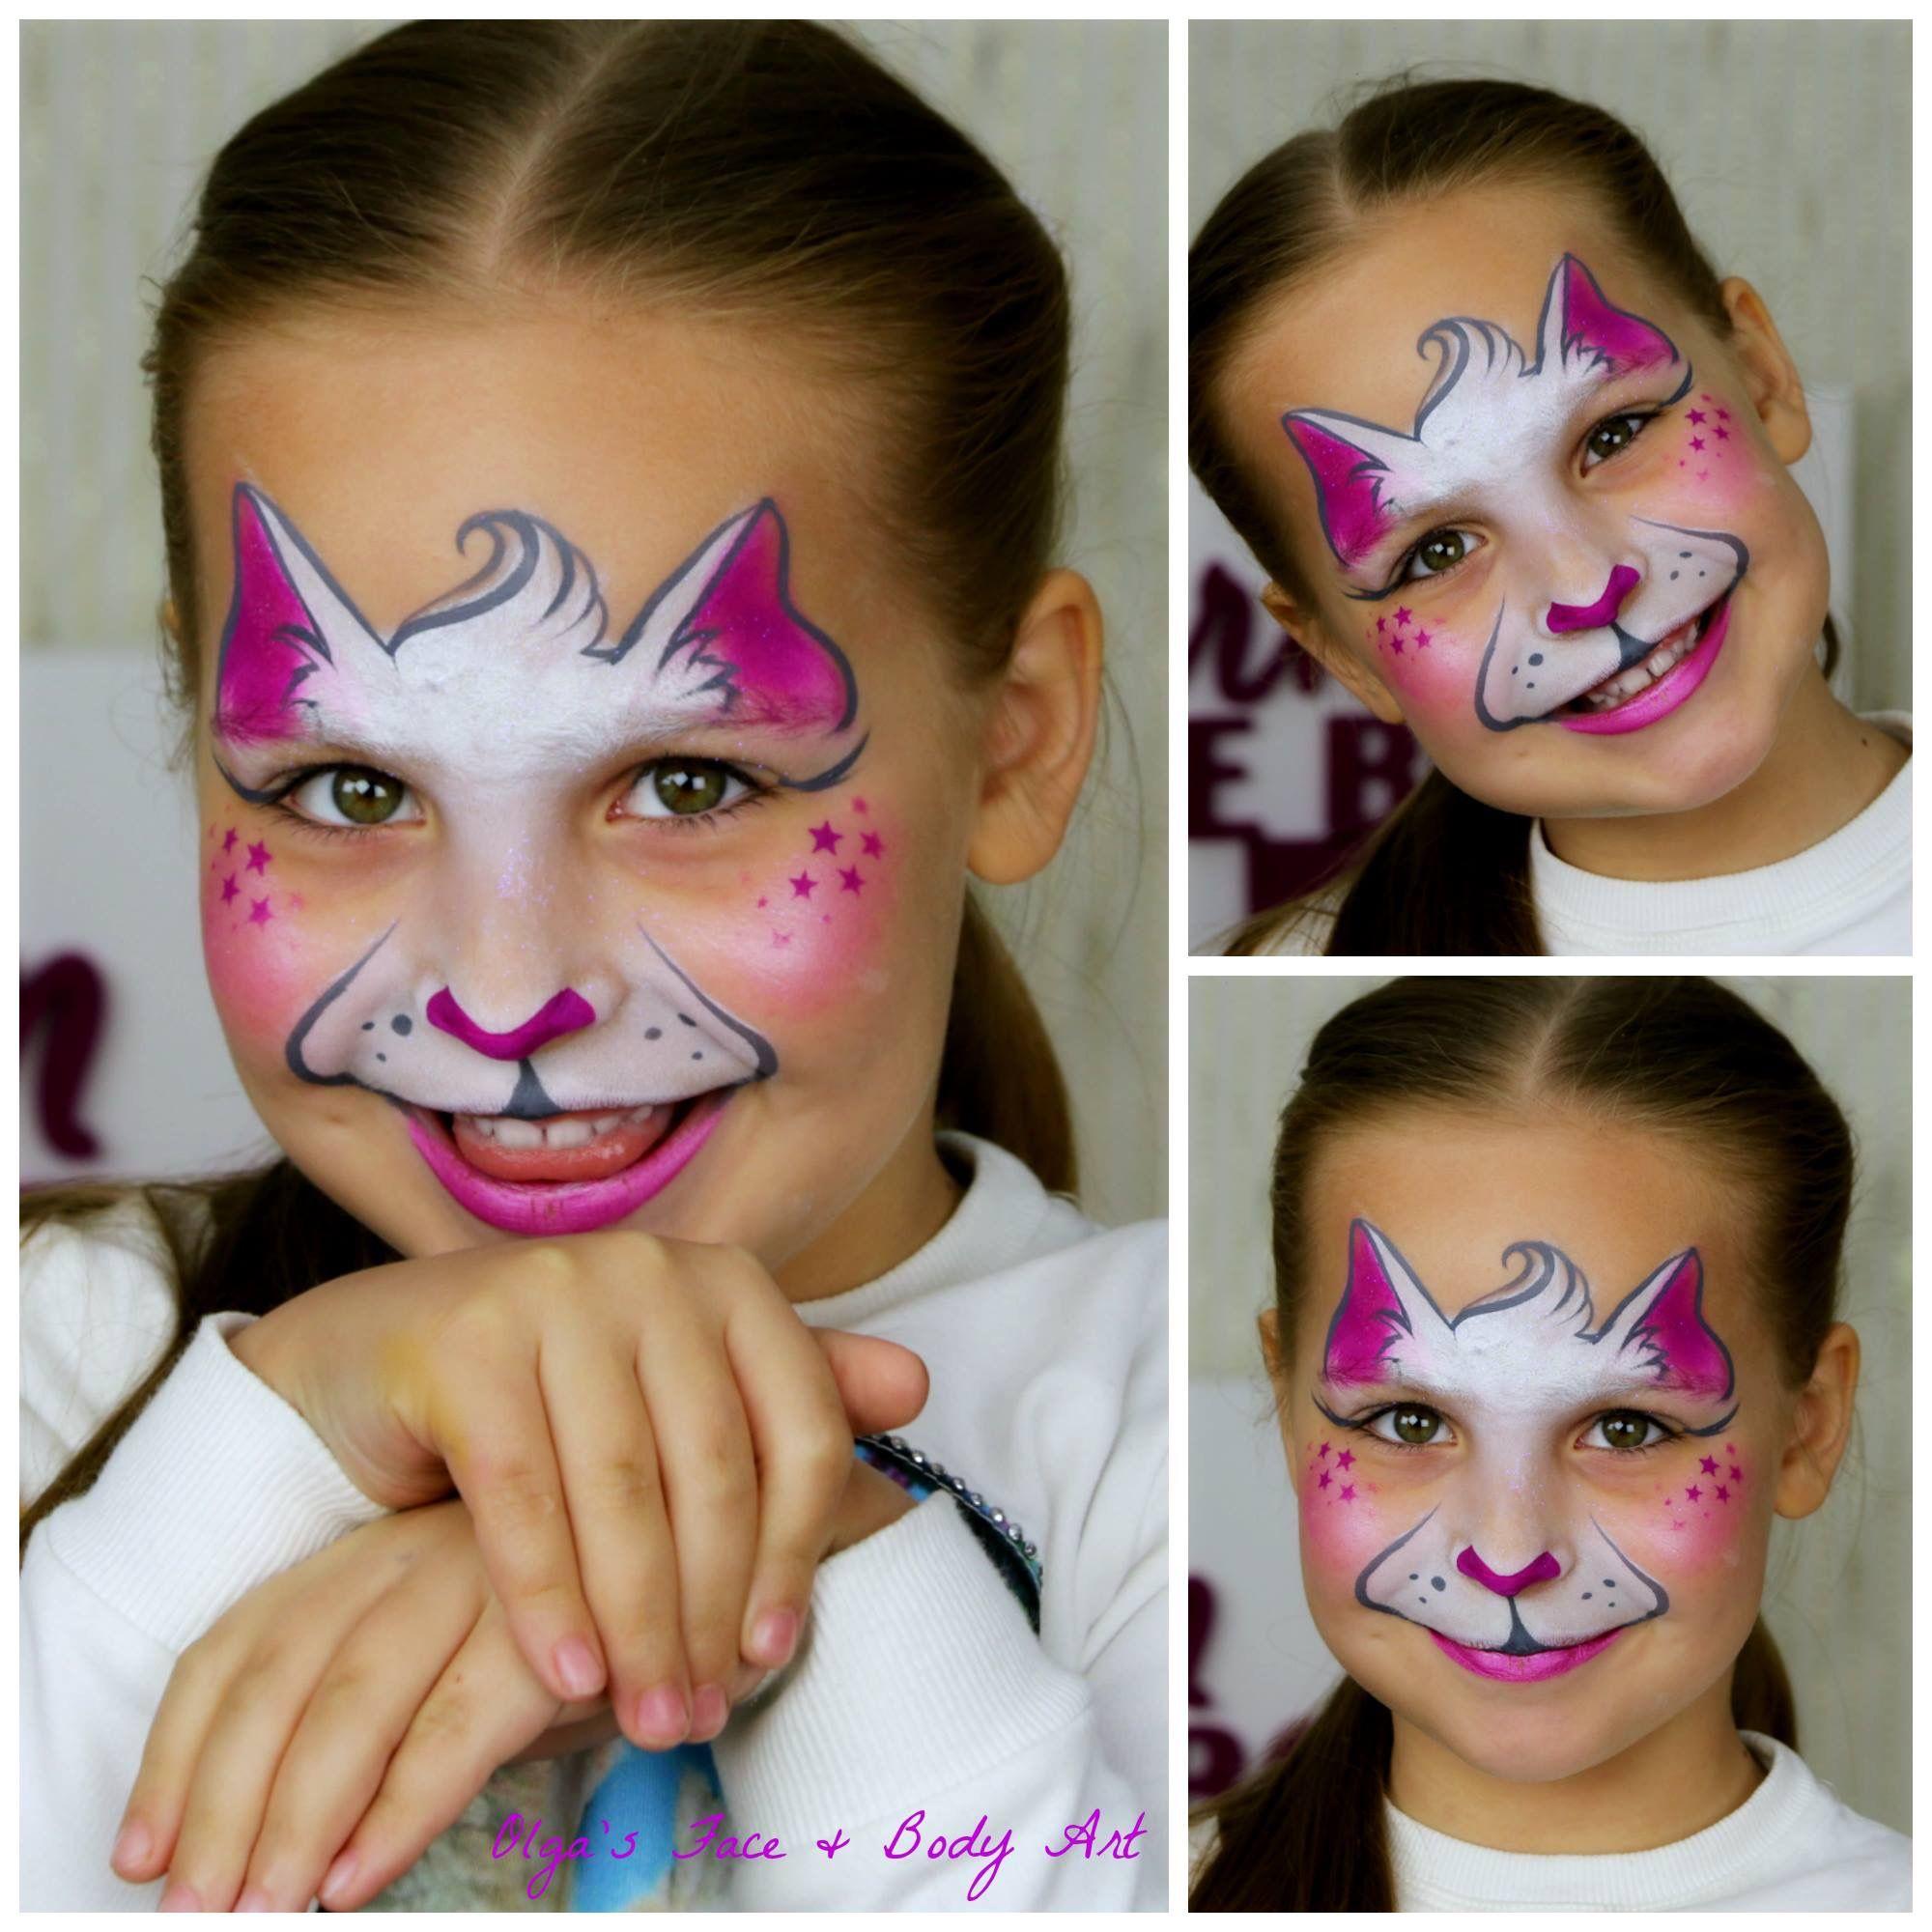 Bemerkenswert Gesicht Bemalen Galerie Von Katzen, Schminkanleitungen, Schminkvorlagen, Bodypainting, Streichtipps, Katzen Gemälde,